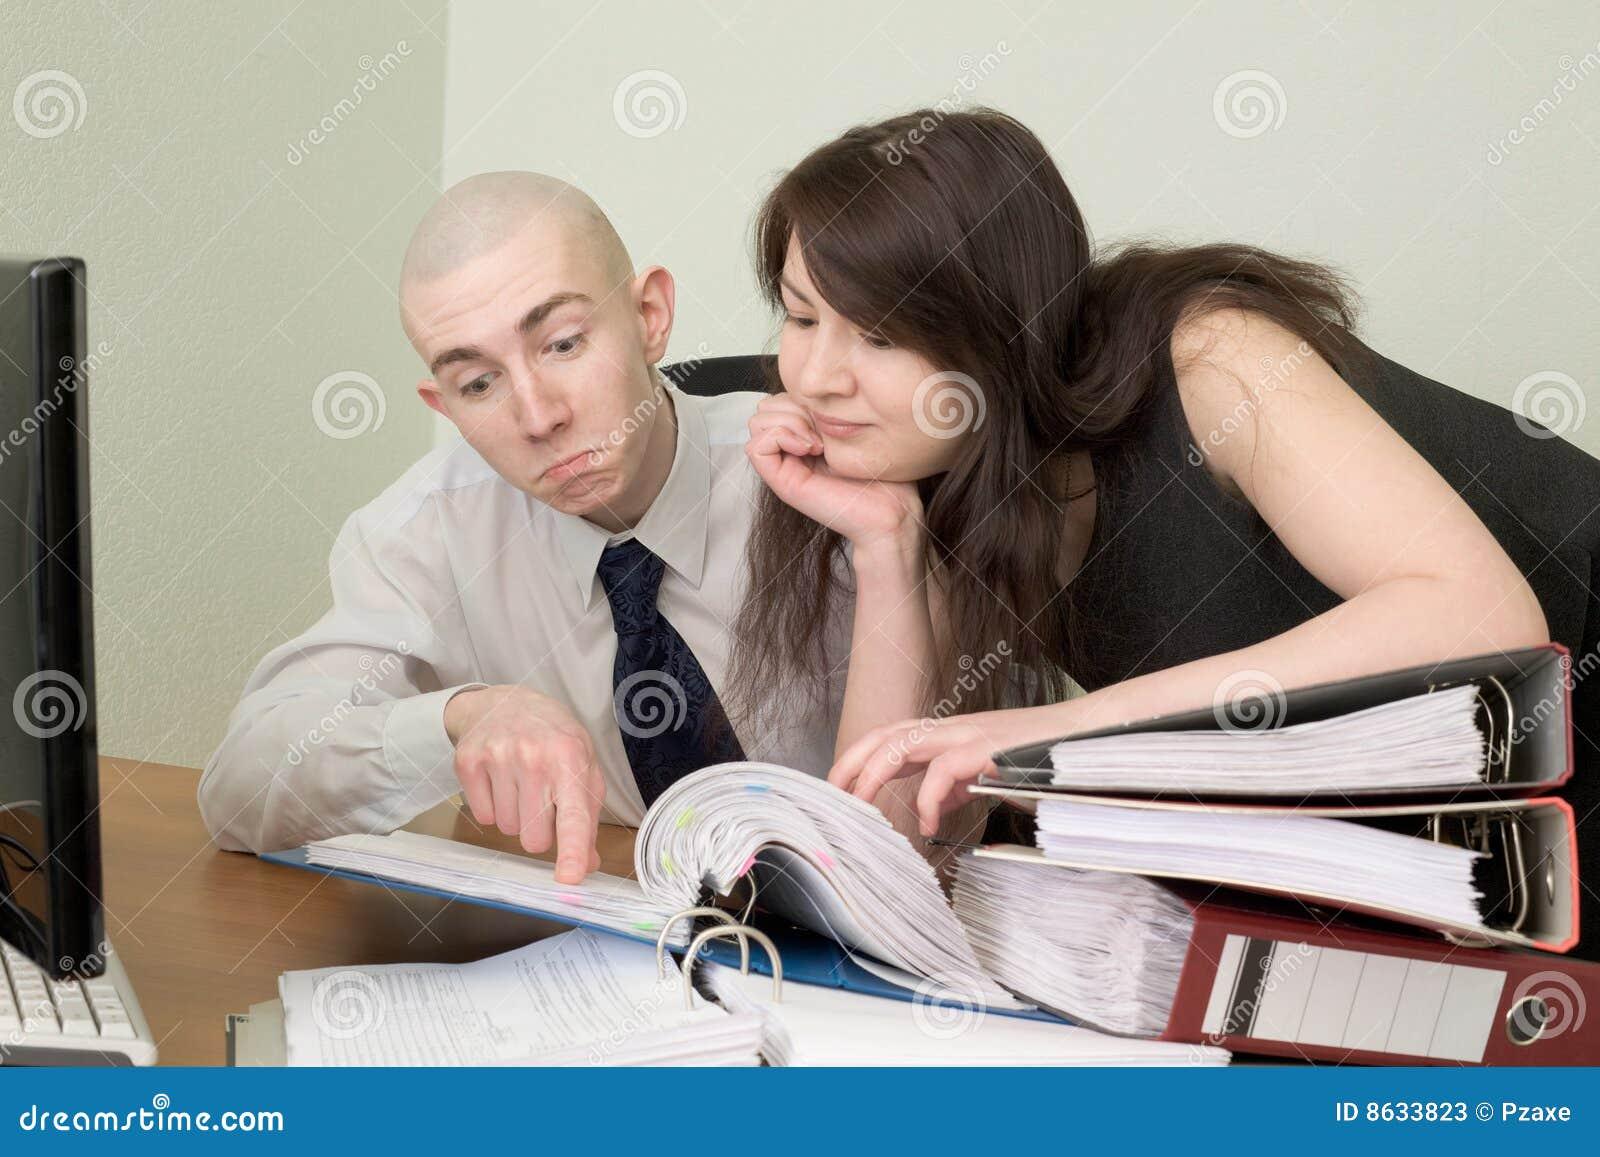 comptable et le secr taire sur un lieu de travail photos stock image 8633823. Black Bedroom Furniture Sets. Home Design Ideas